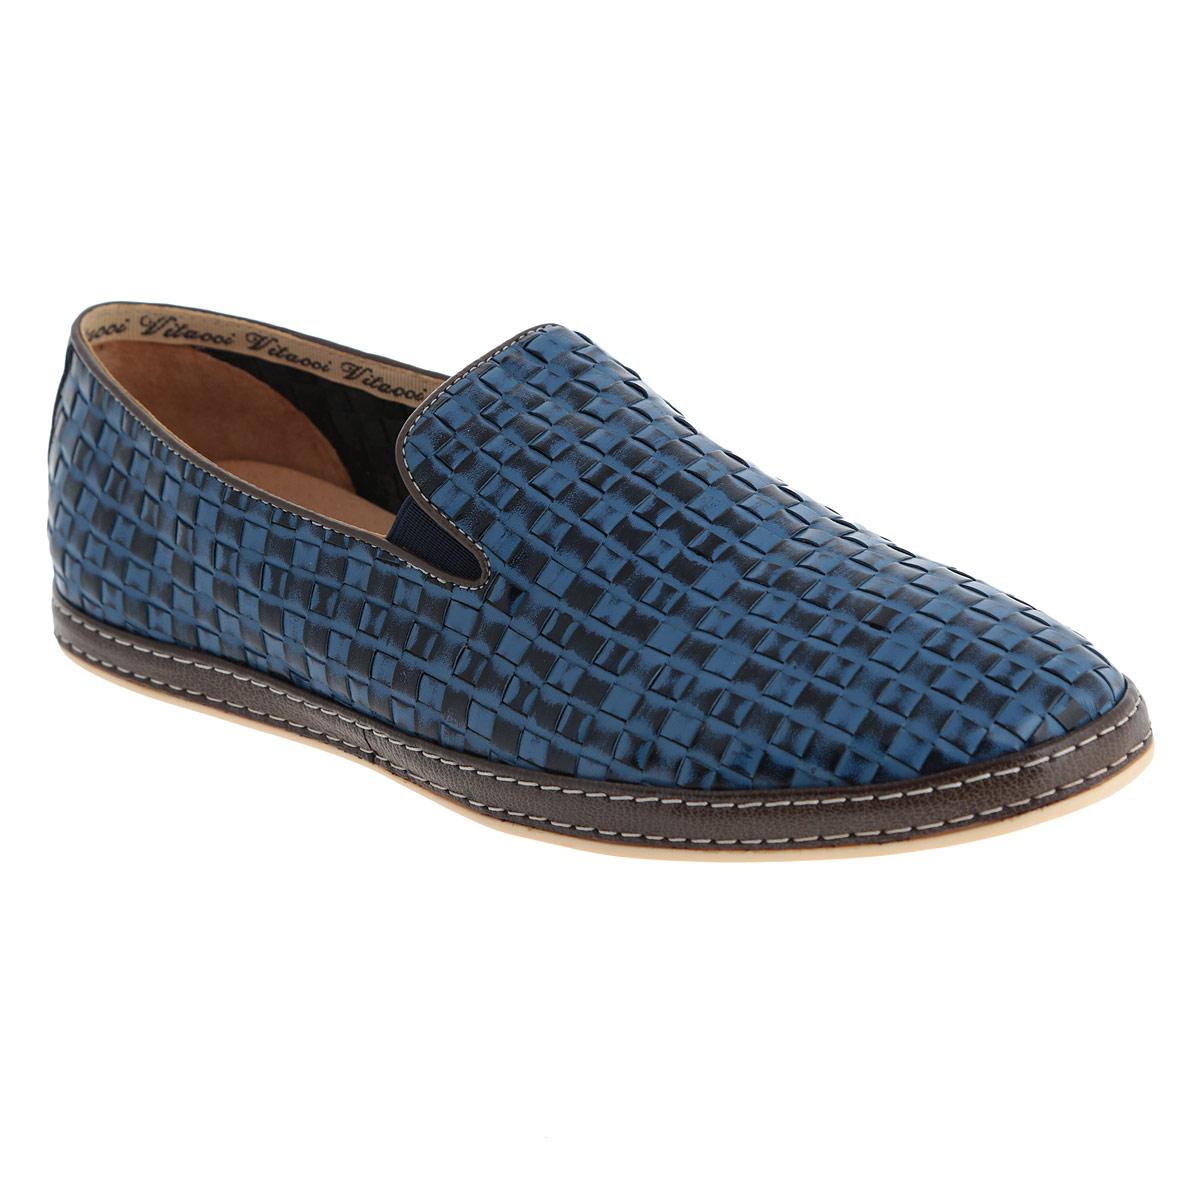 Слипоны мужские. M1796M17960Оригинальные мужские слипоны Vitacci займут достойное место среди вашей коллекции обуви. Модель изготовлена из натуральной высококачественной кожи и оформлена декоративным плетением, двойной прострочкой по ранту, задним наружным ремнем. Резинки, расположенные на подъеме, обеспечивают оптимальную посадку модели на ноге. Стелька из материала EVA с внешней поверхностью из натуральной кожи гарантирует комфорт при движении. Рифленая поверхность подошвы защищает изделие от скольжения. Модные слипоны покорят вас своим дизайном и удобством.